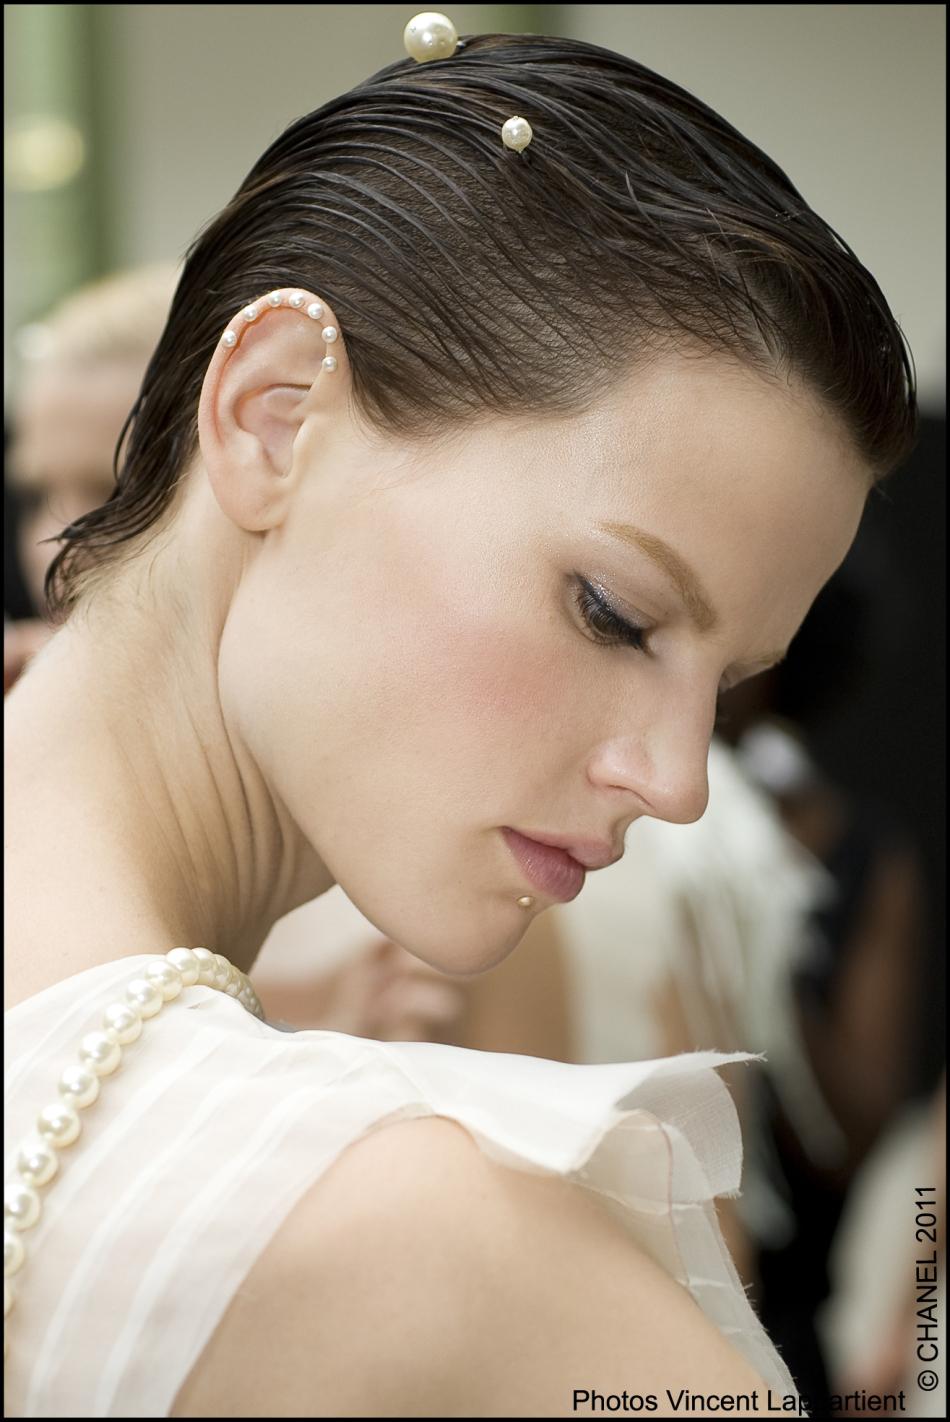 在他那些美丽的手绘图里,一些女孩的耳朵以及沿着脊柱都饰有珍珠.